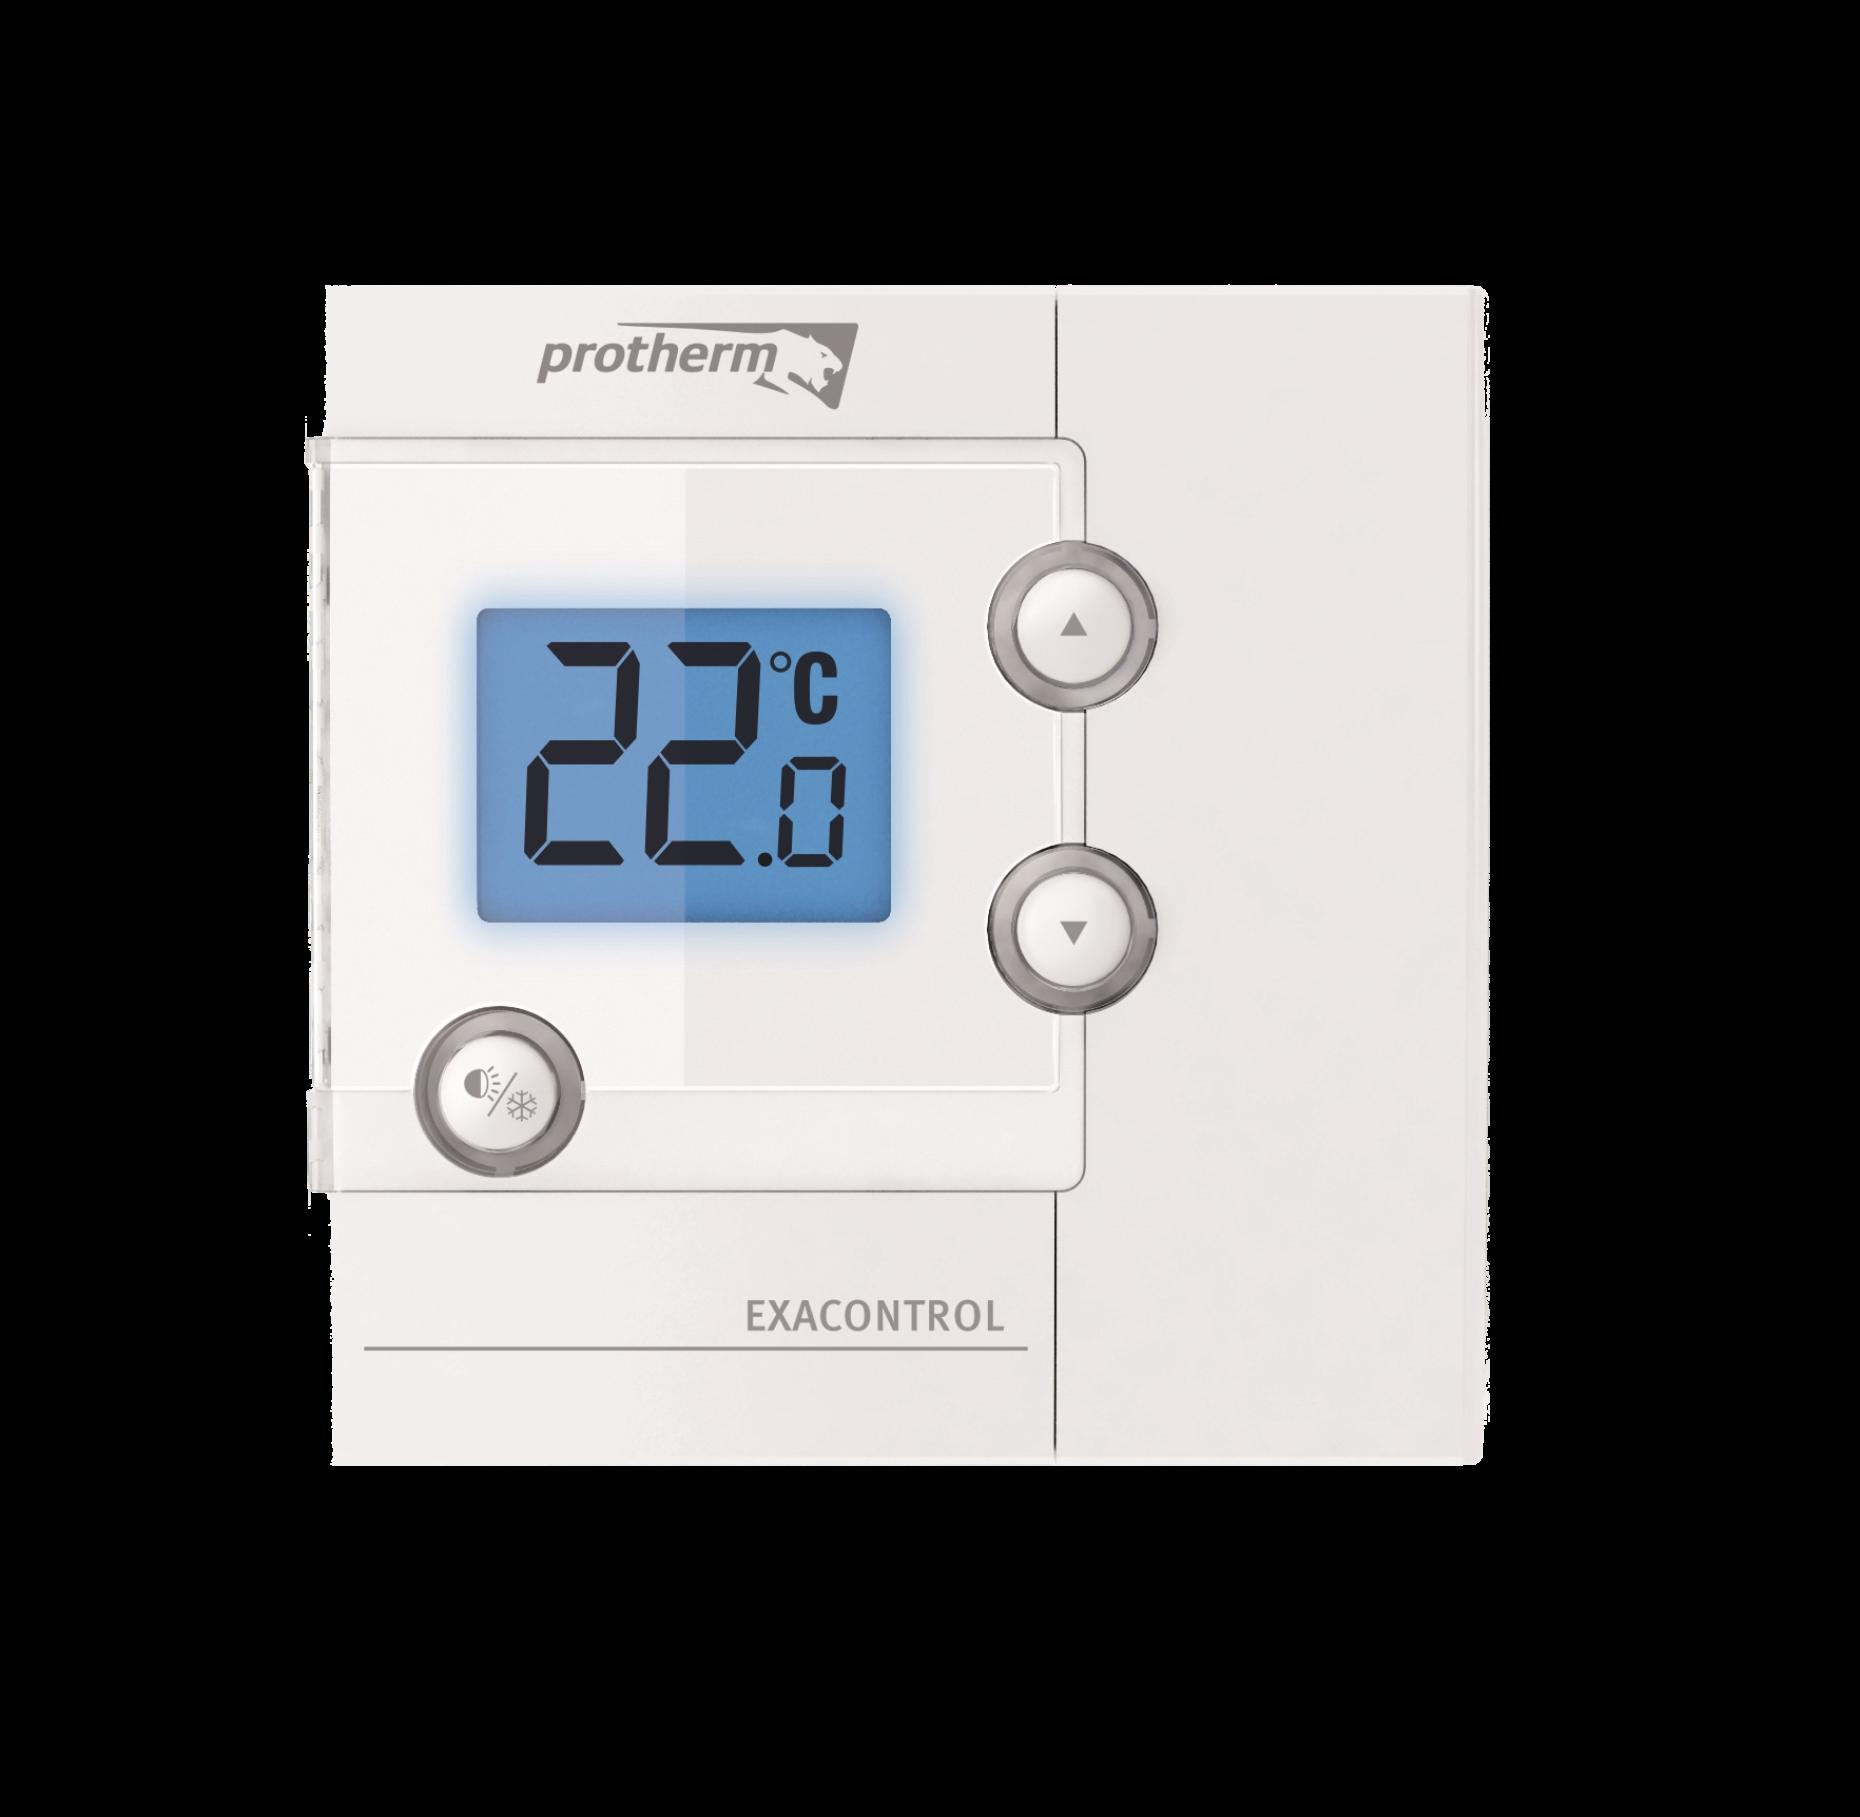 Термостат для котла protherm своими руками